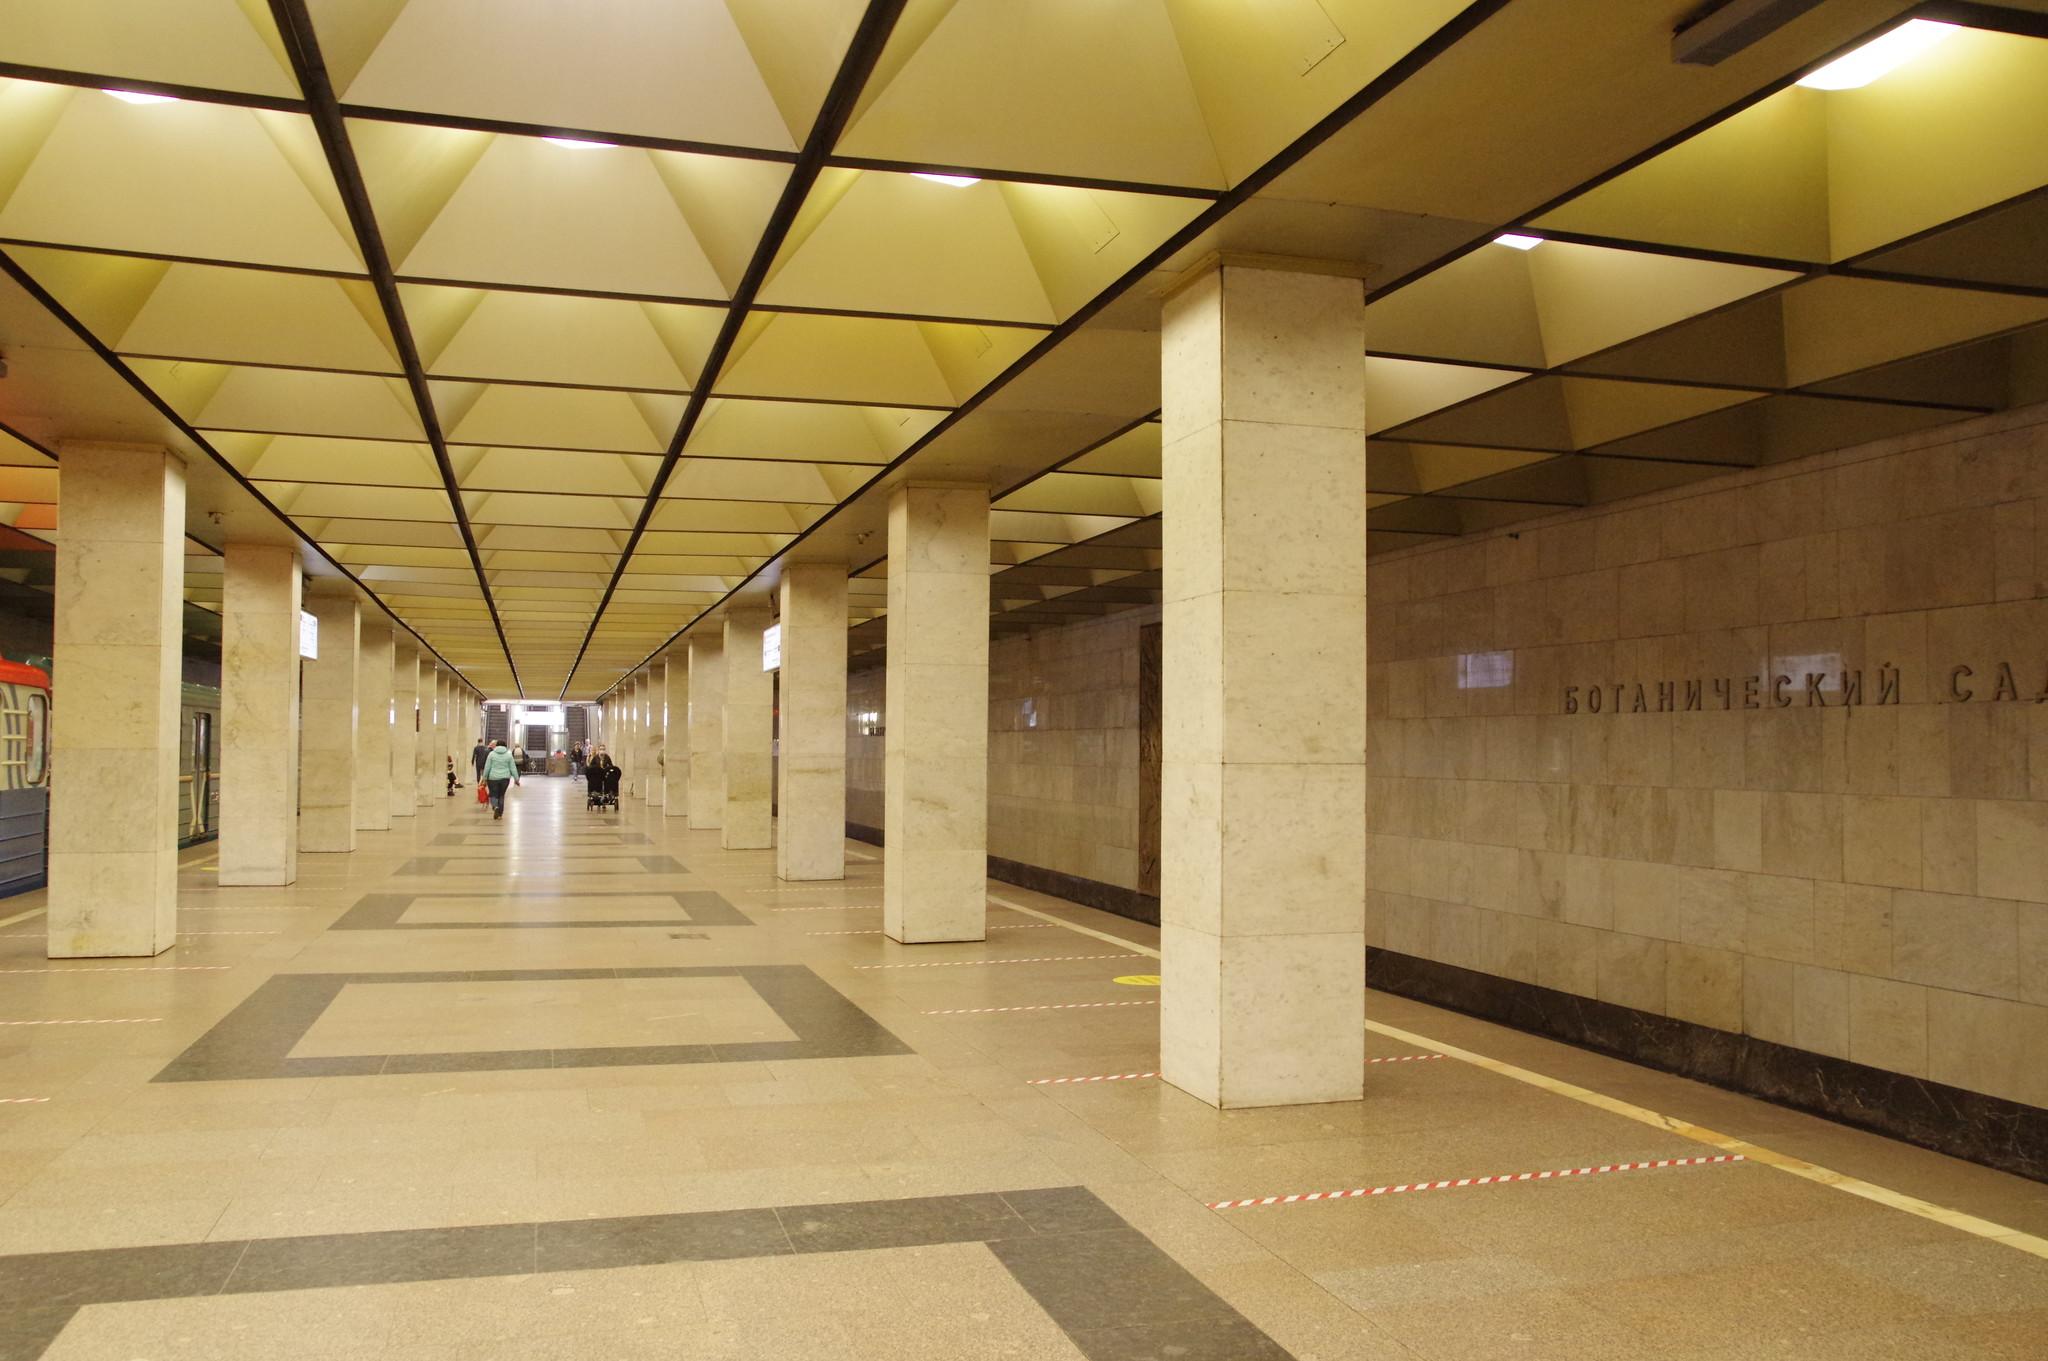 Зал станции. Станция «Ботанический сад» Калужско-Рижской линии Московского метрополитена